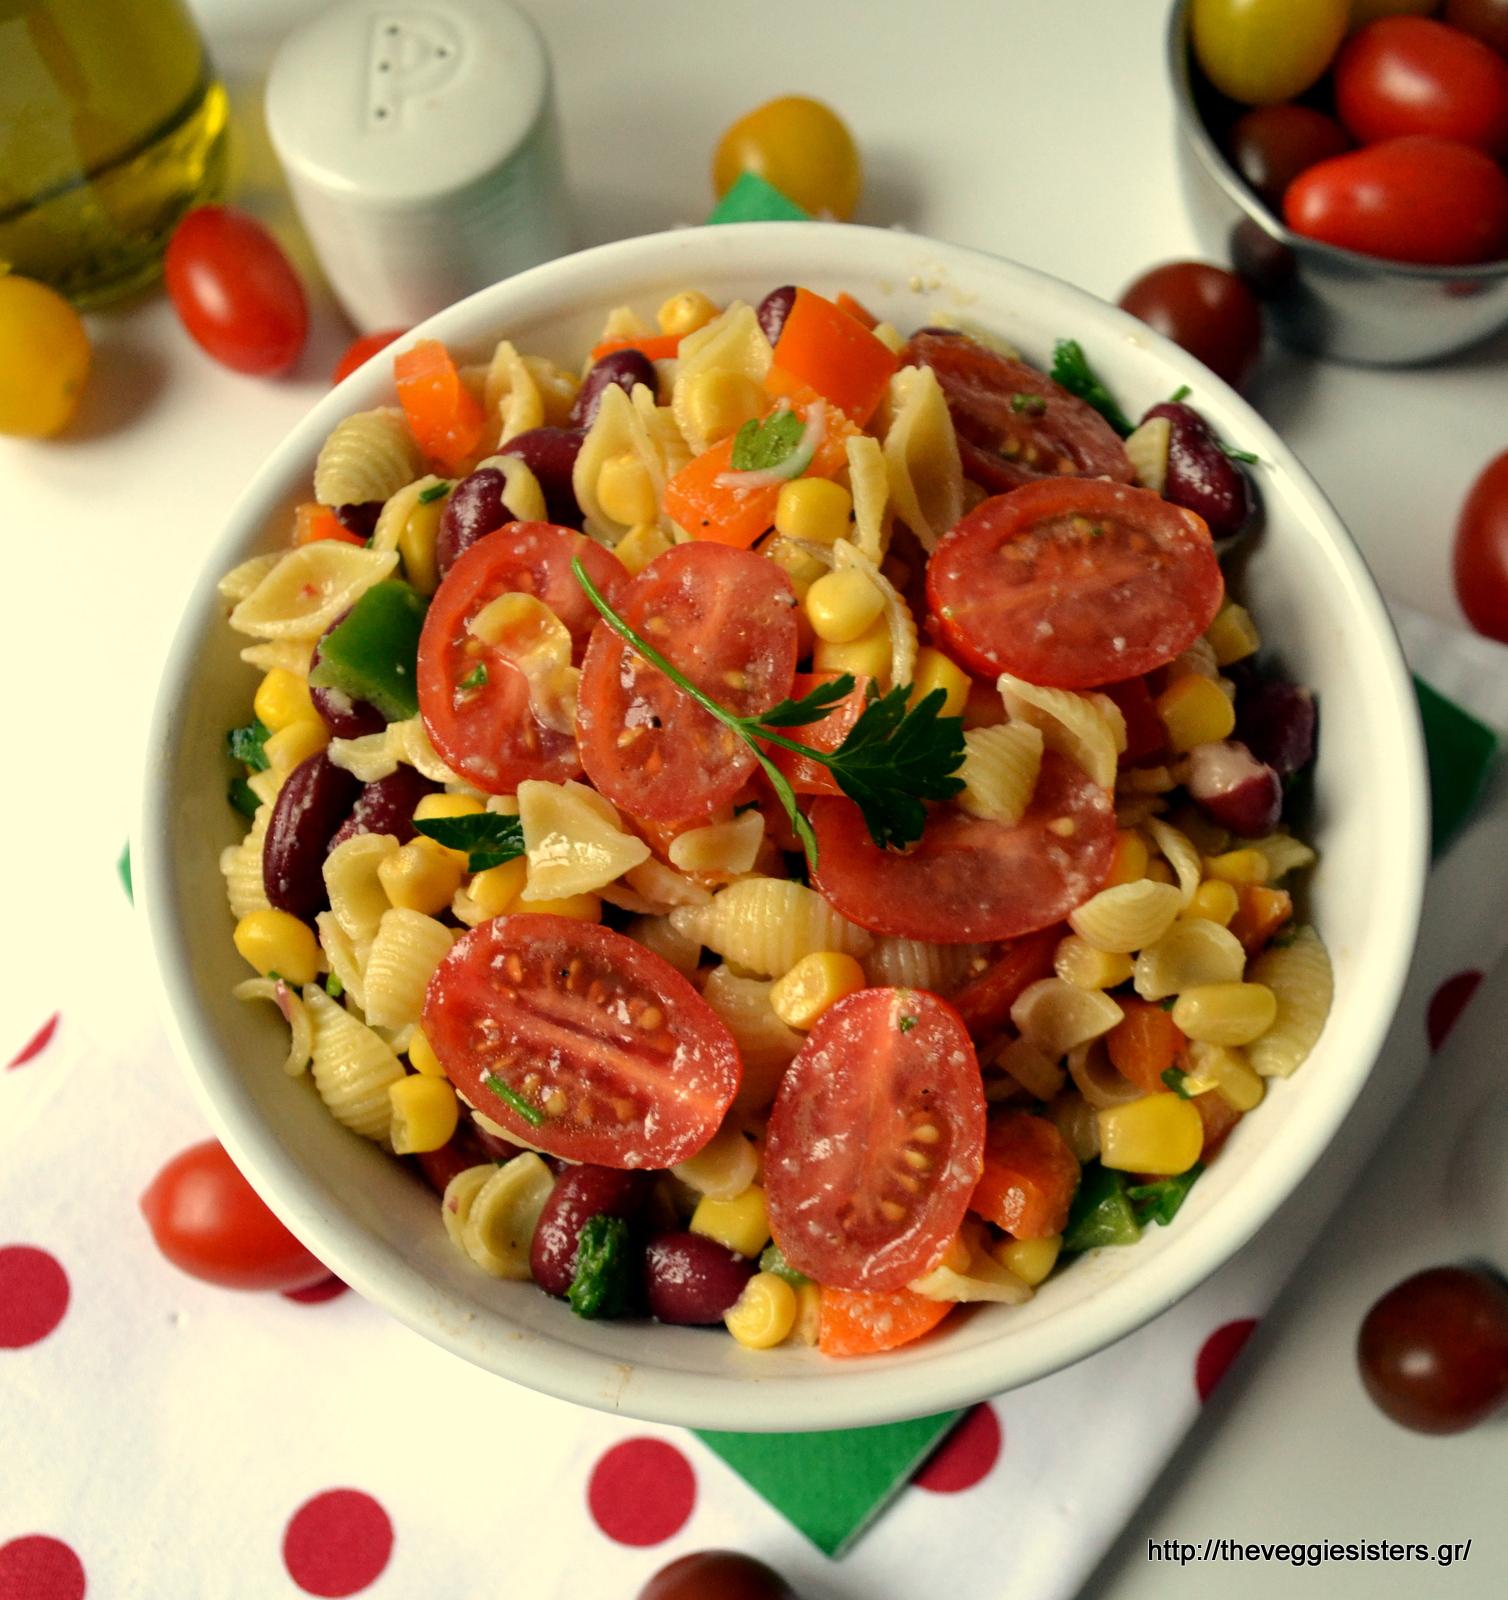 Δροσιστική σαλάτα με ζυμαρικά, λαχανικά κ κόκκινα φασόλια